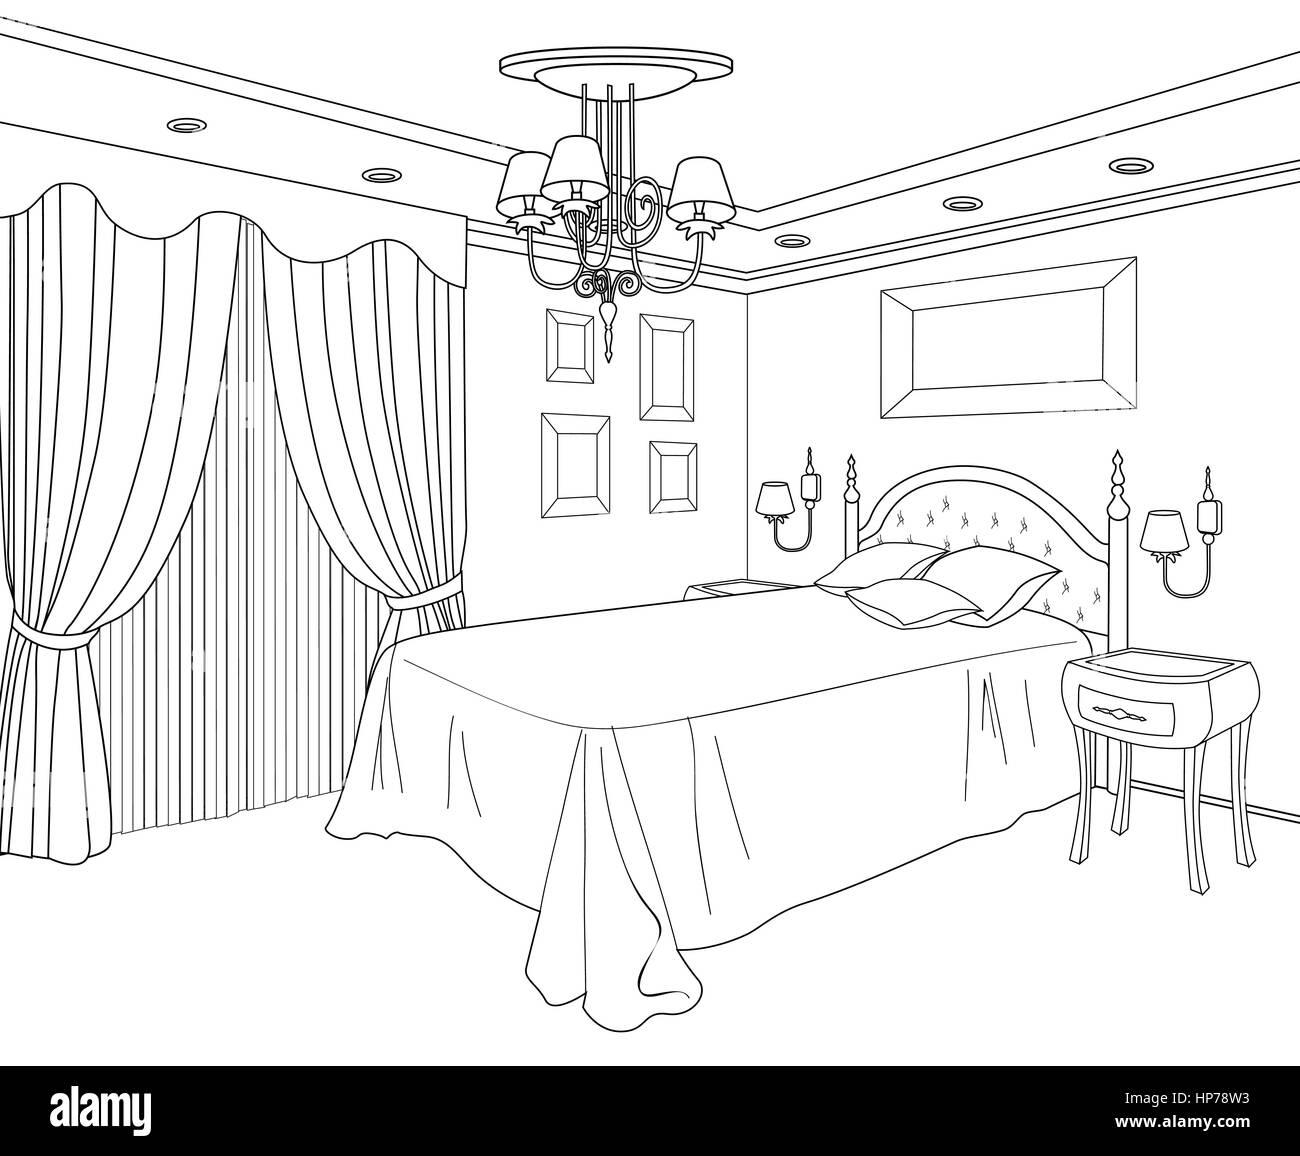 Schlafzimmer möbel. doodle Linie Skizze Home Interior. vintage Bett ...